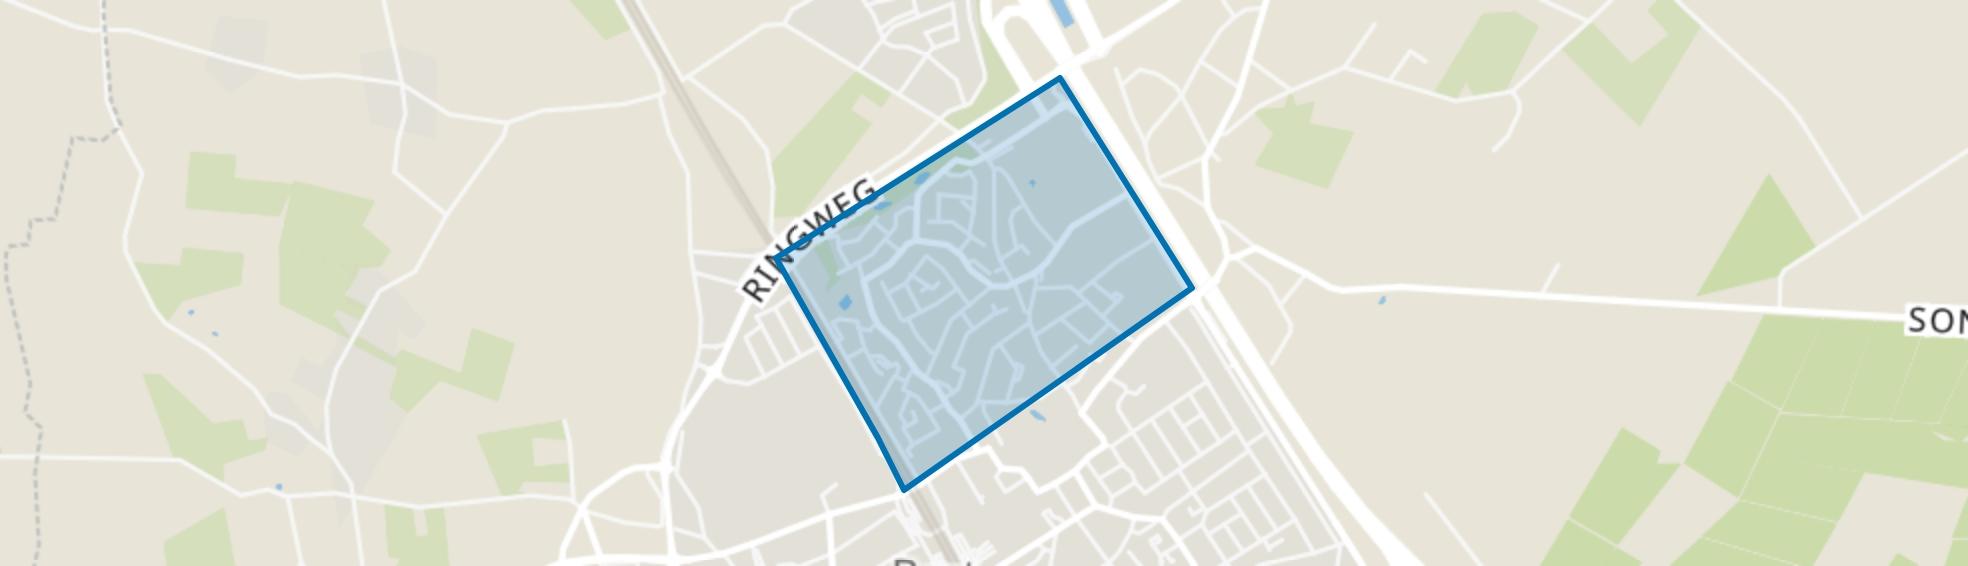 Salderes, Best map